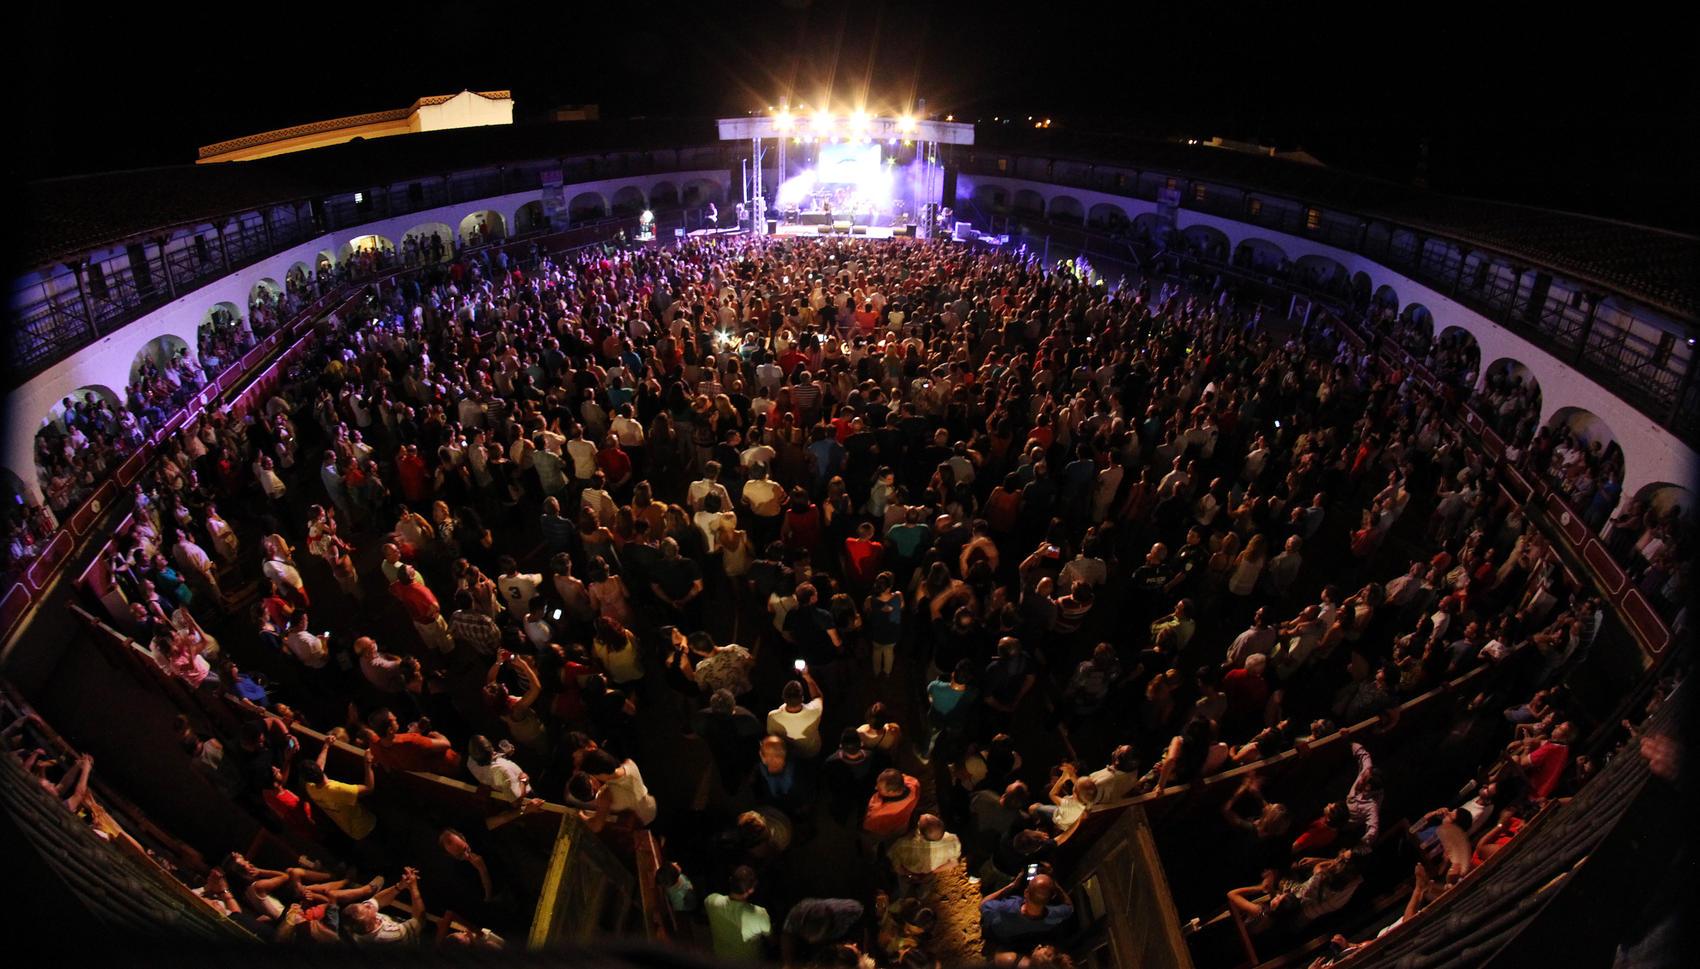 La plaza de toros de Almadén registra un aforo completo en el concierto de Medina Azahara